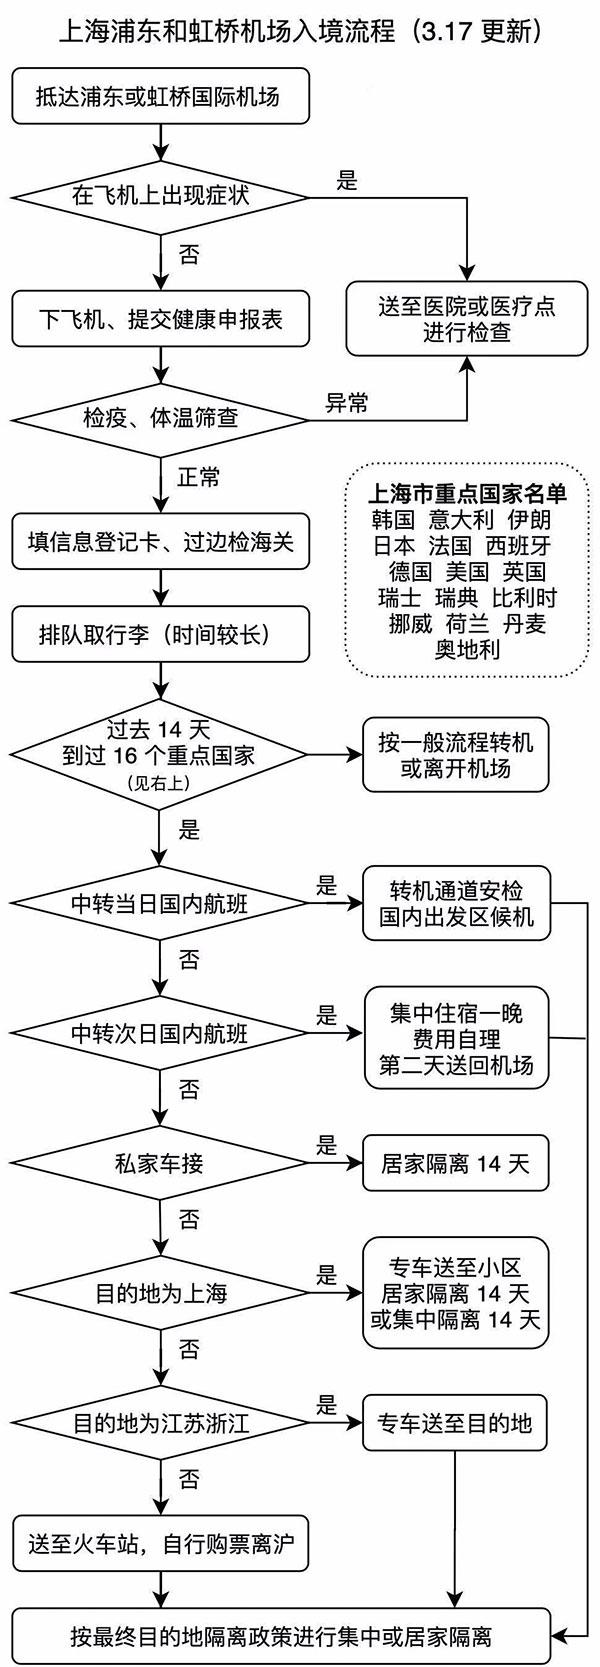 上海浦东机场和虹桥机场入境流程图